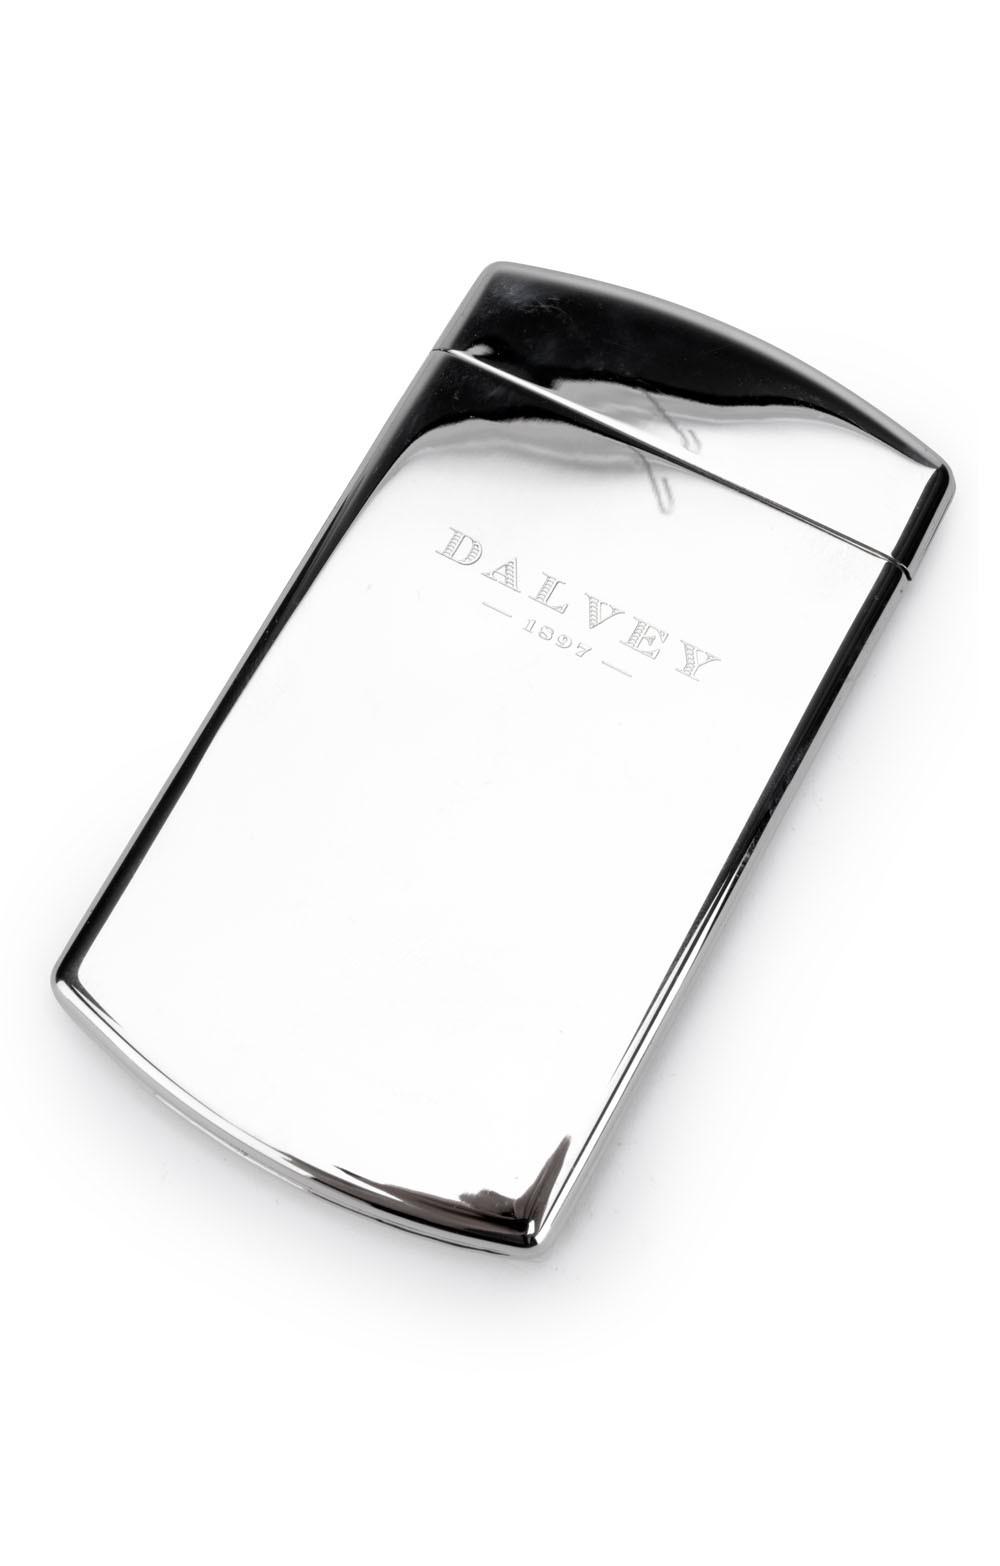 new concept 5ecf8 1c8df Dalvey Business Card Case